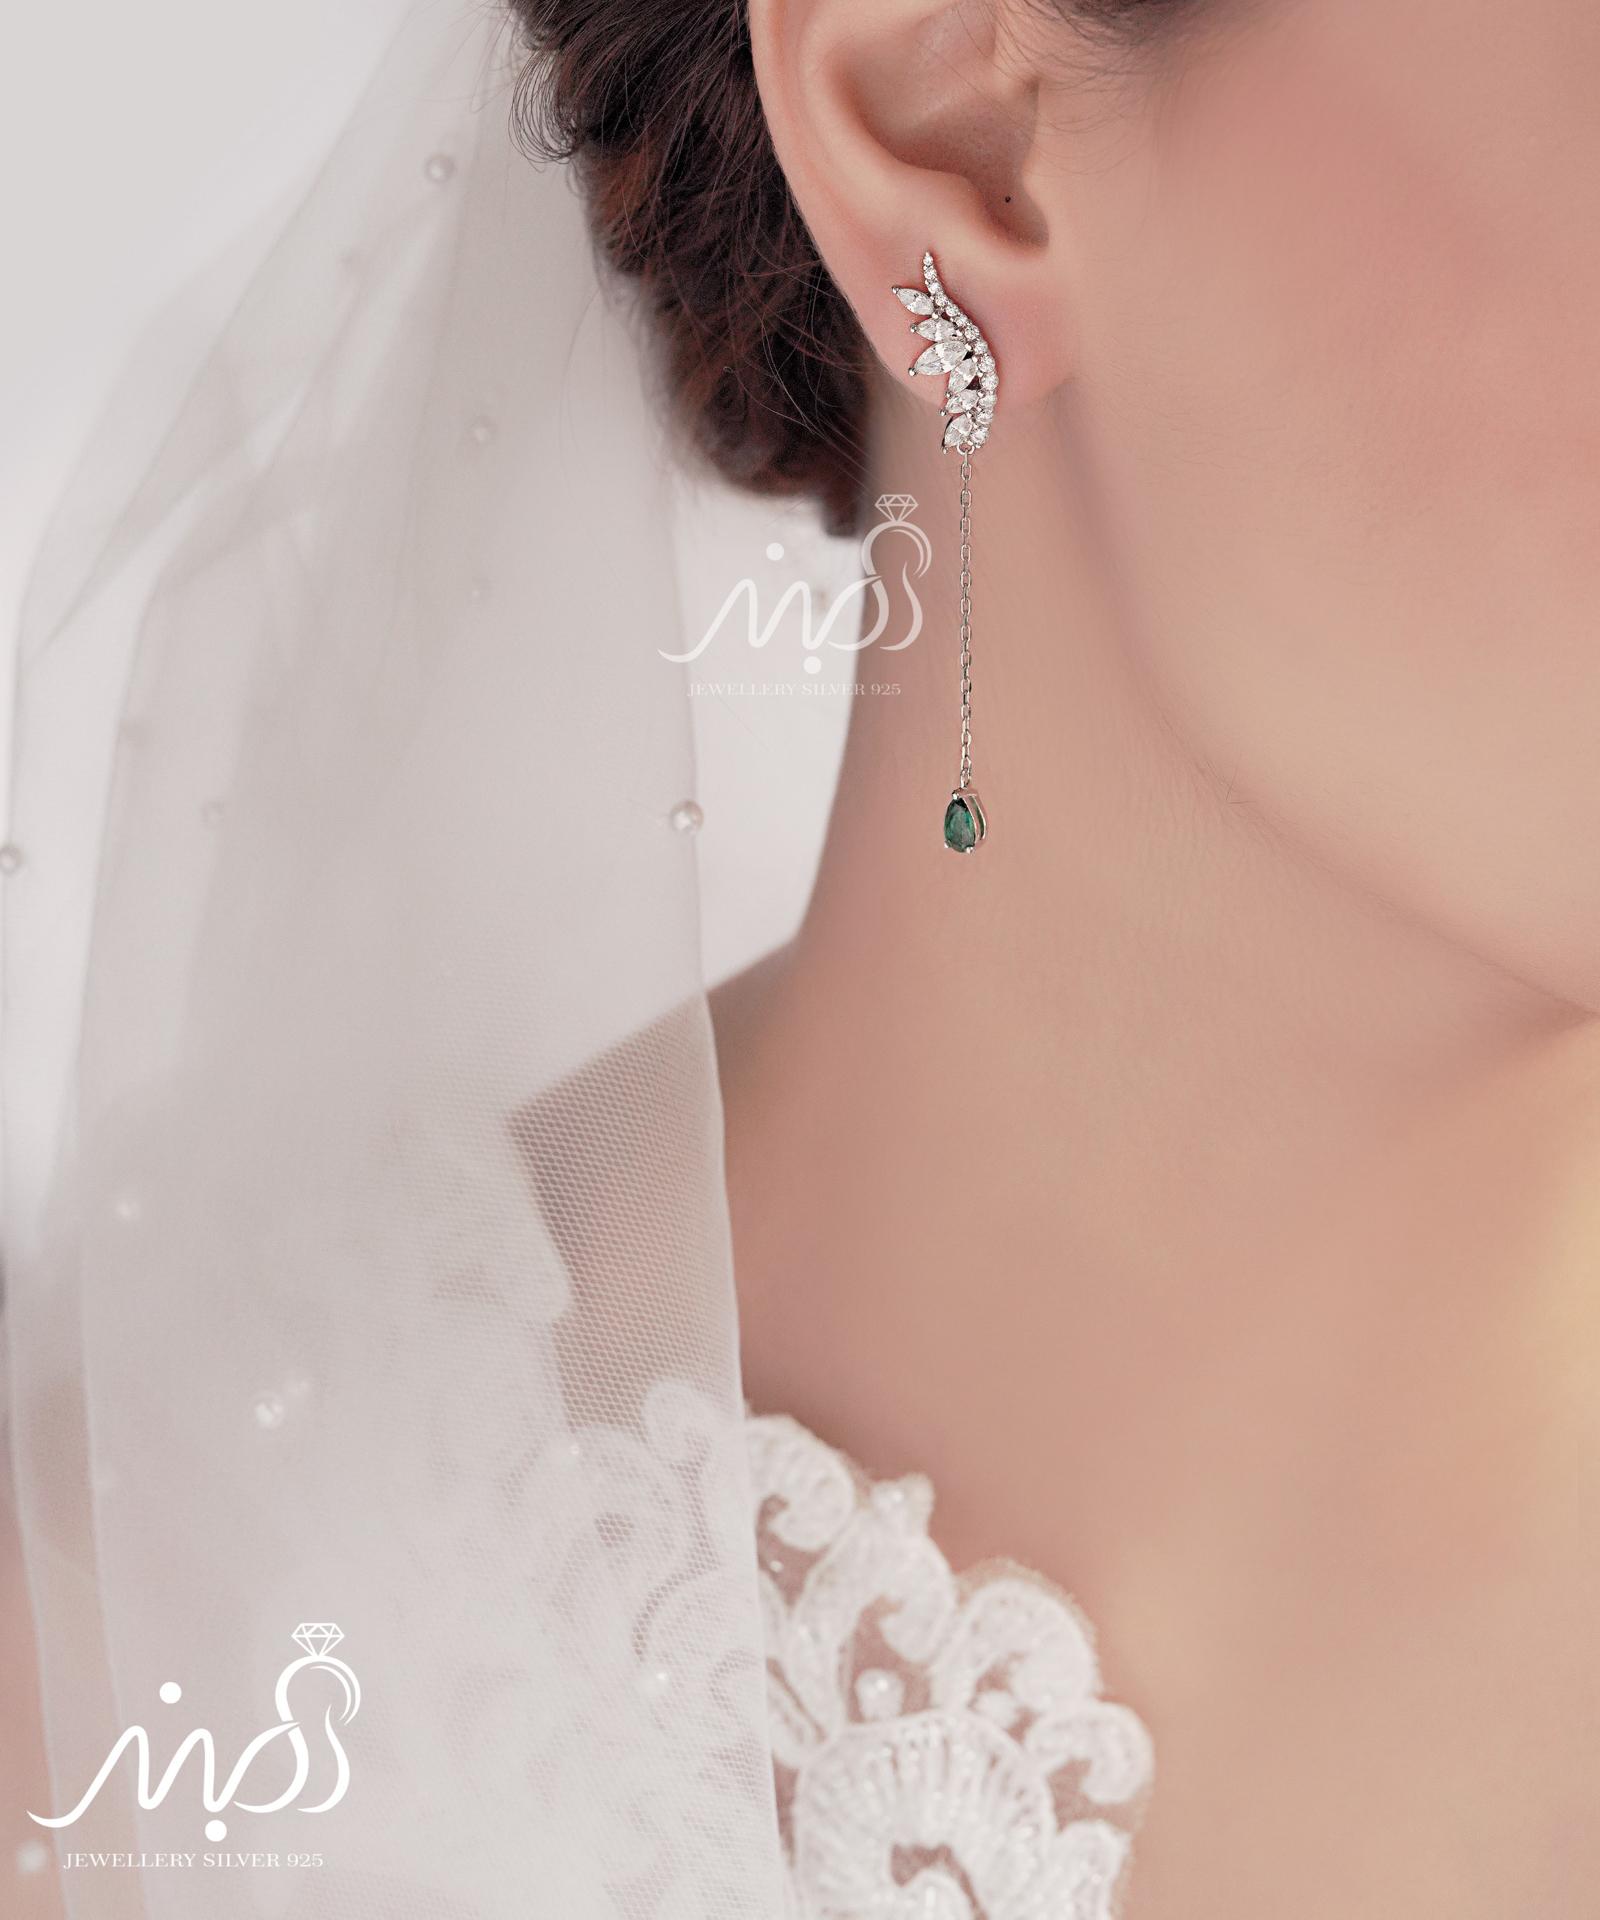 💍گوشواره جواهری لوکس ؛ لاله گوشی با آویز نگین زمرد دارای طراحی ژورنالی بسیار خاص و زیبا نقره عیار ۹۲۵ با روکش طلا سفید